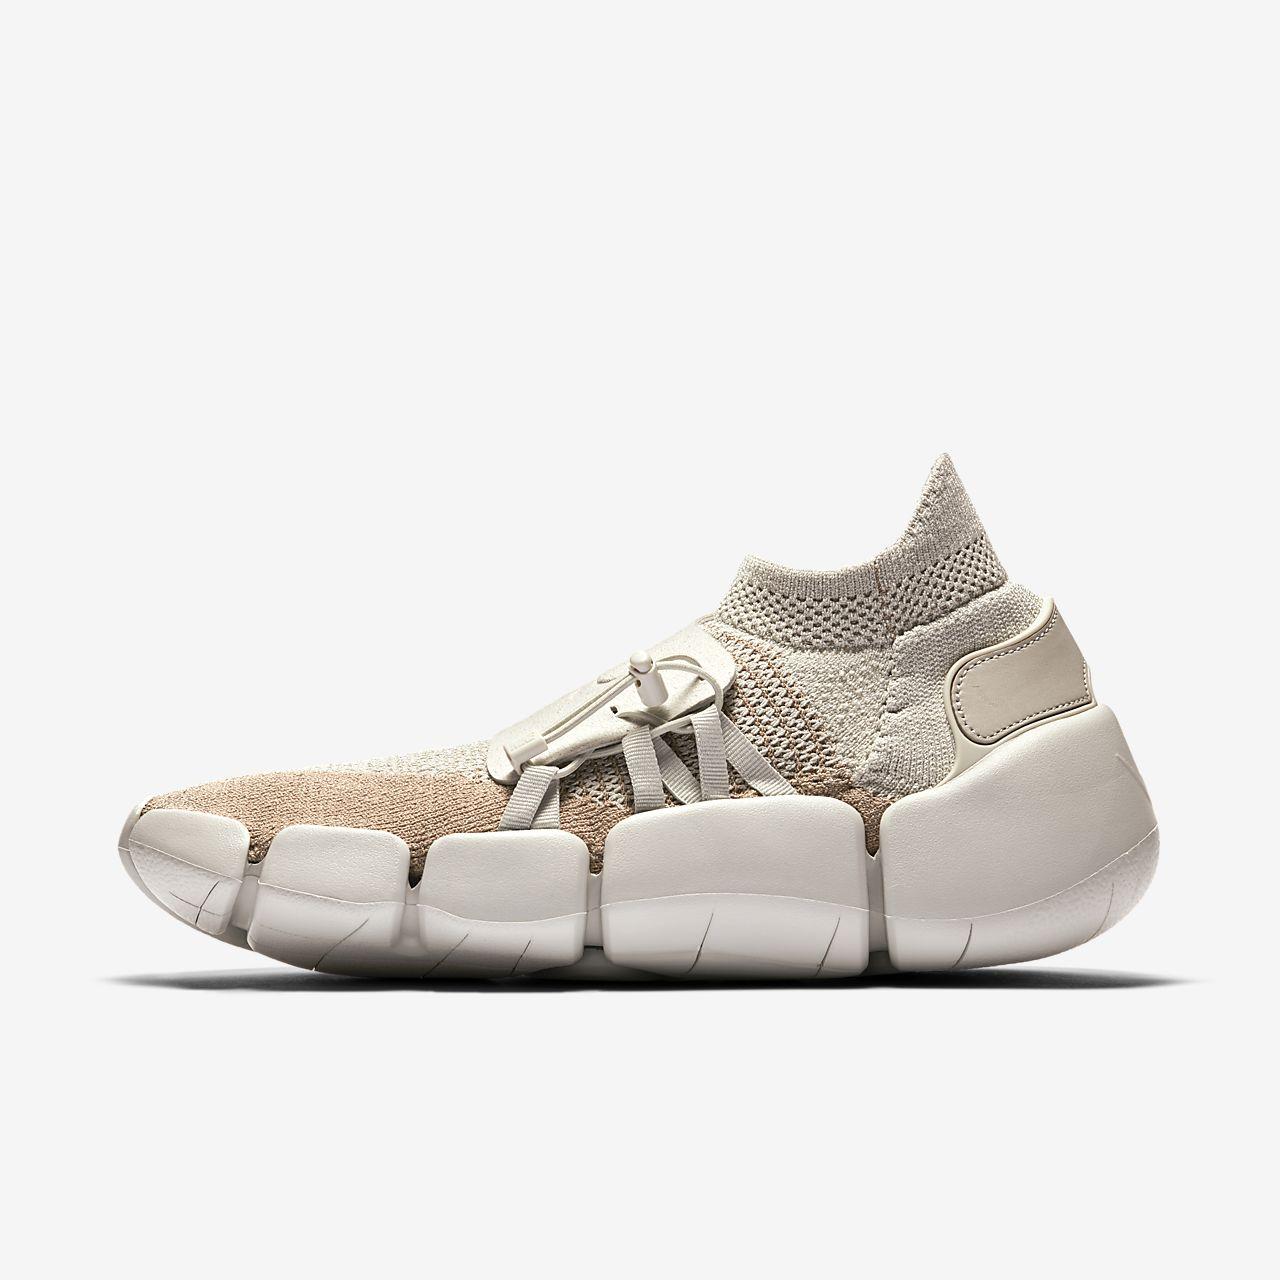 wholesale dealer 32782 9d5c0 ... Nike Footscape Flyknit DM Men s Shoe